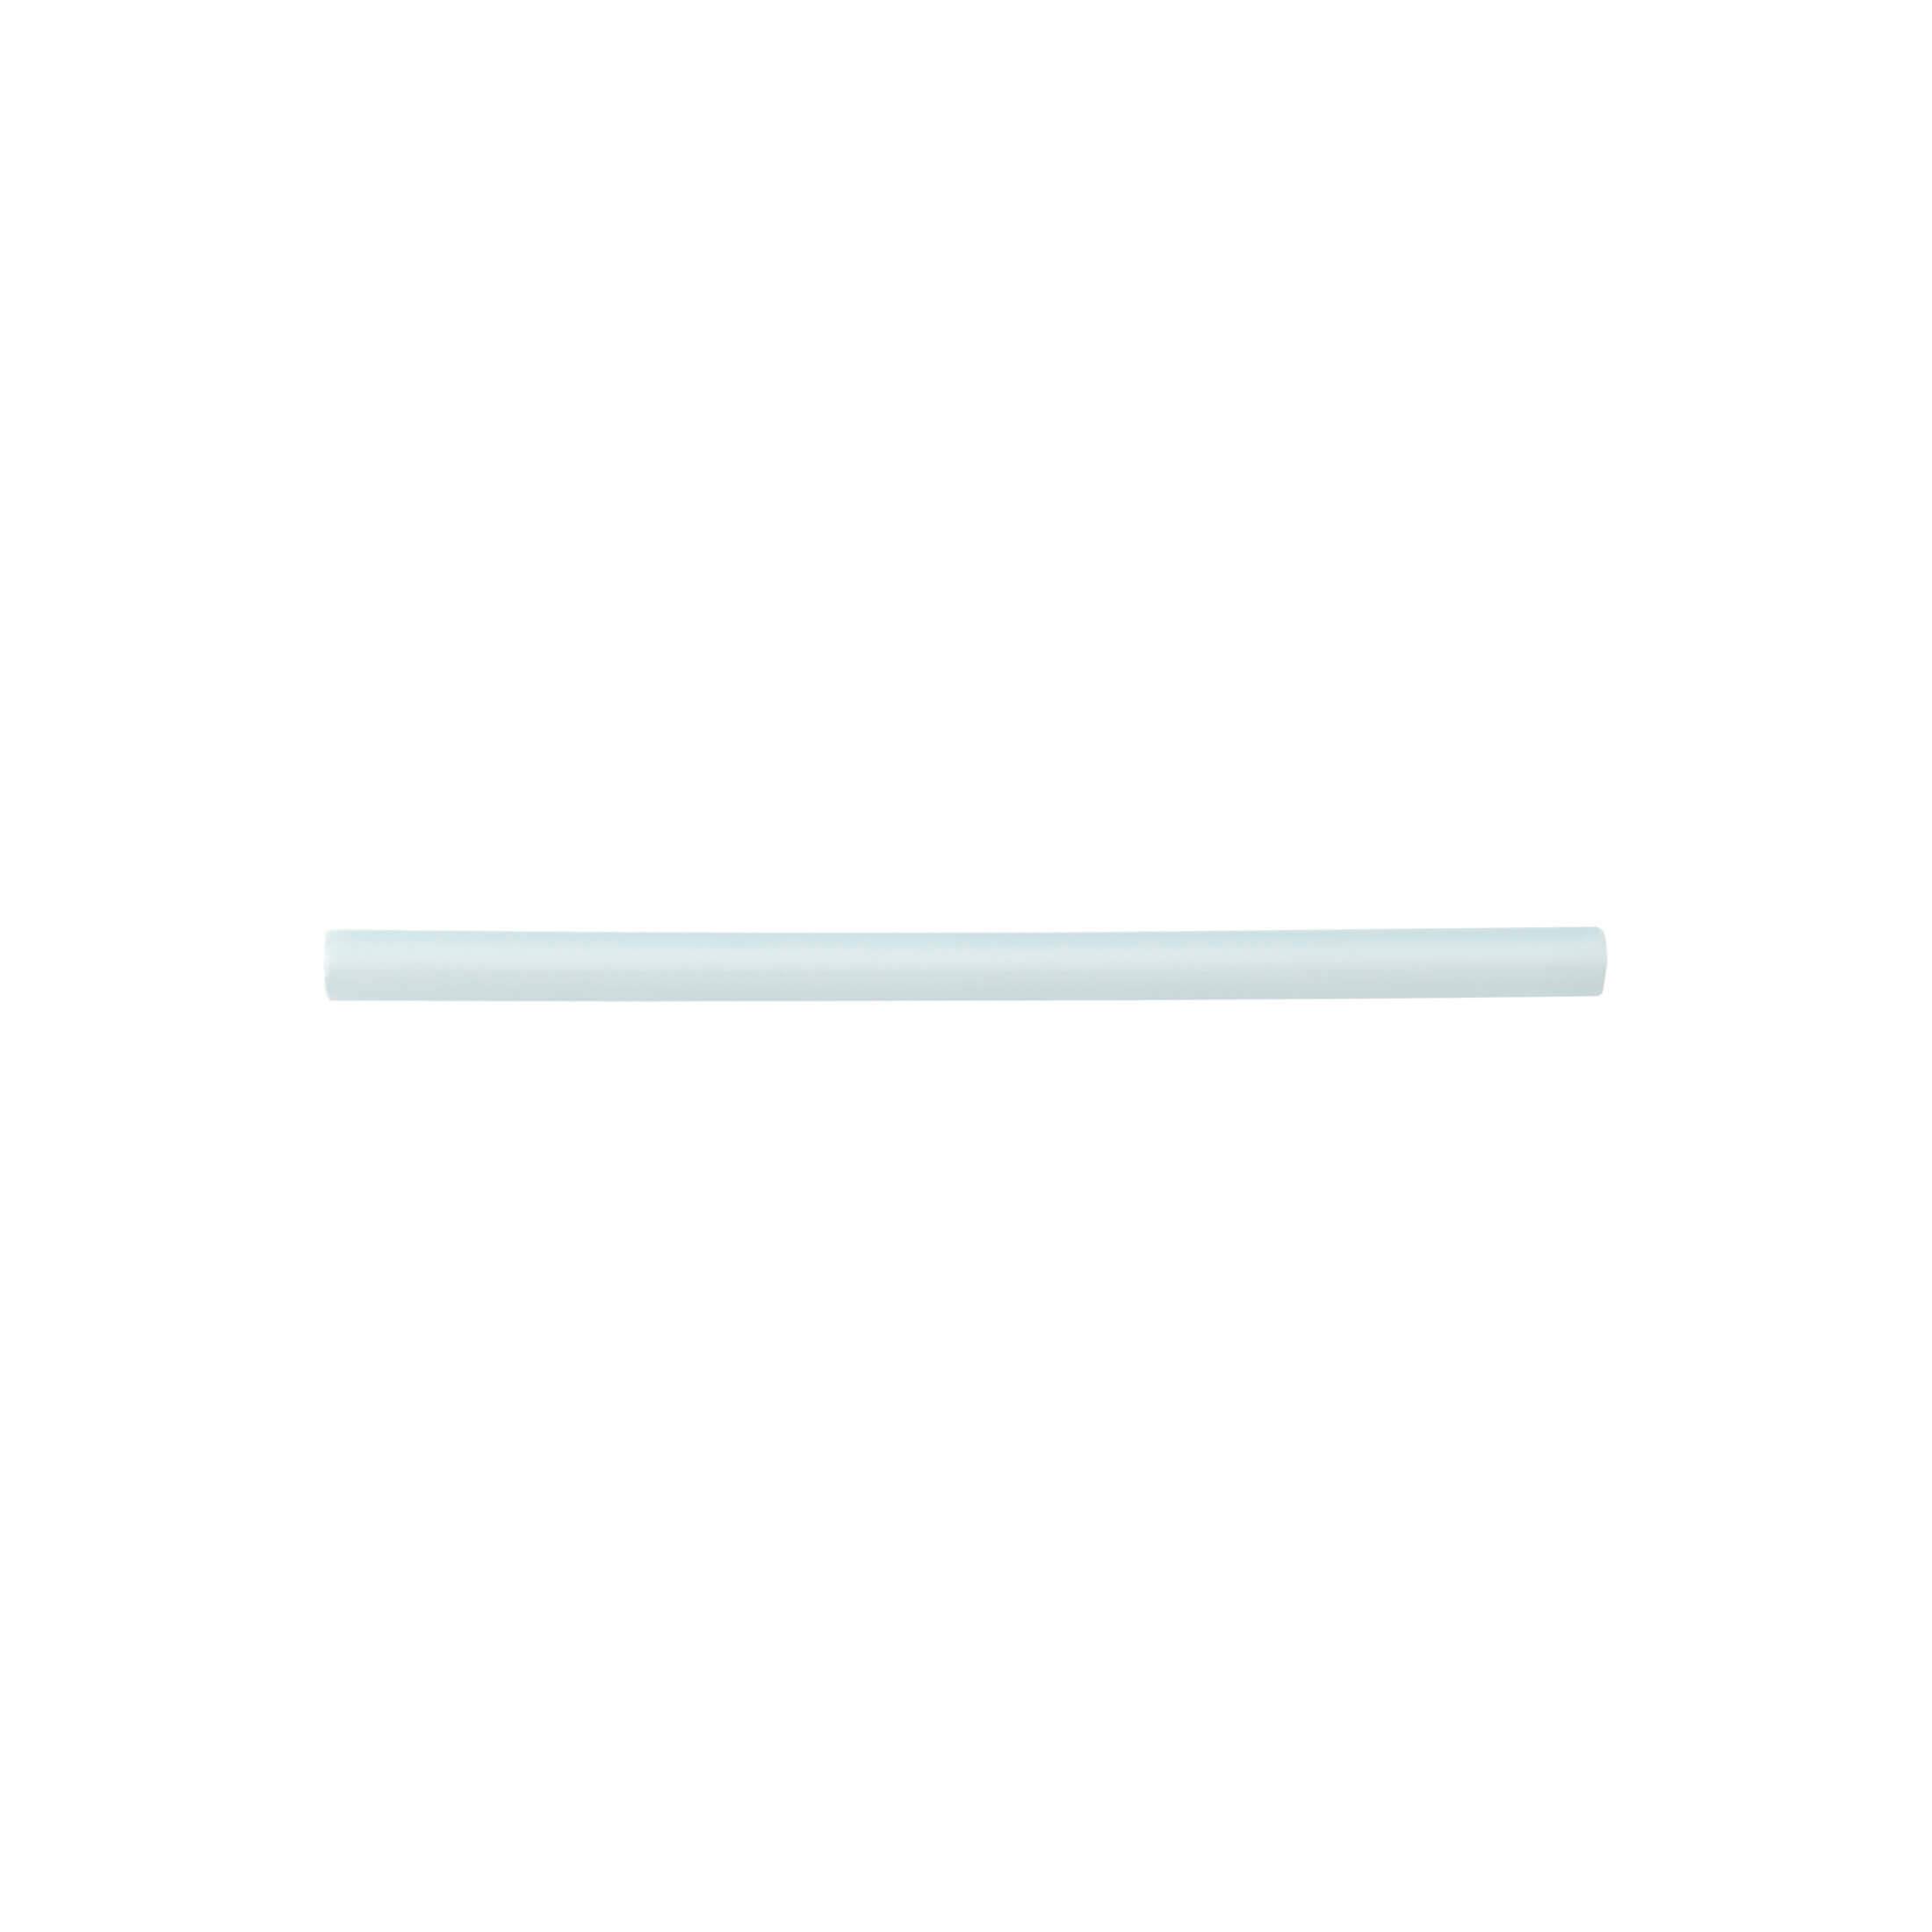 ADST5205 - BULLNOSE TRIM - 0.75 cm X 19.8 cm